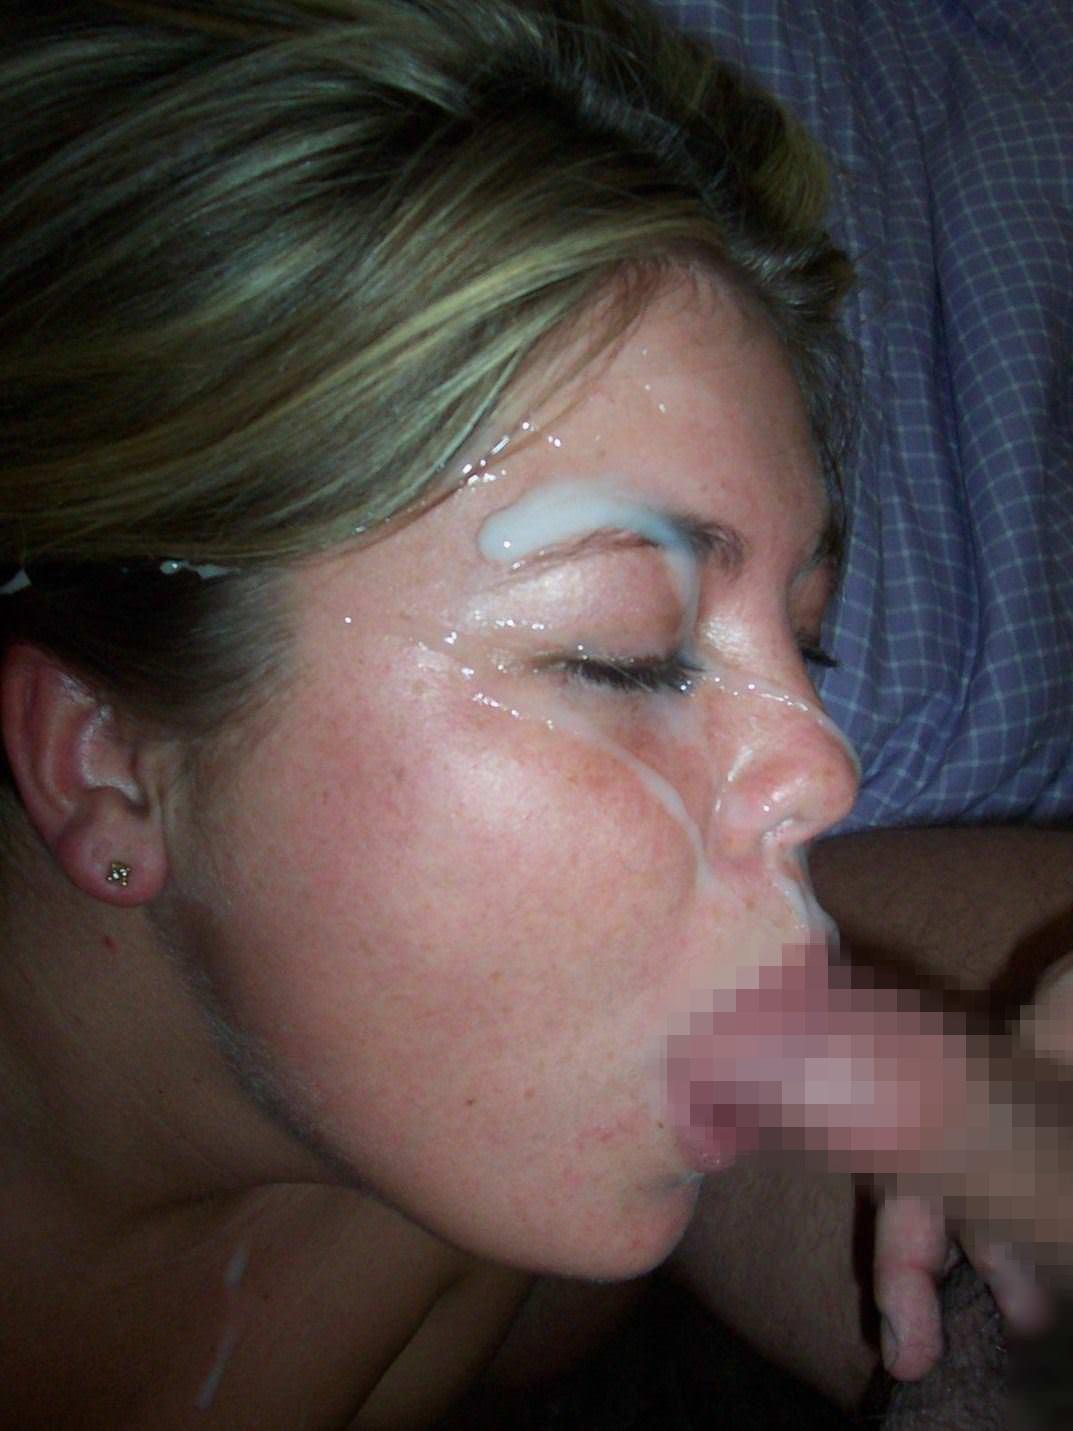 【外人】たっぷり白濁ザーメンをぶっかけられる素人の顔射ポルノ画像 2633